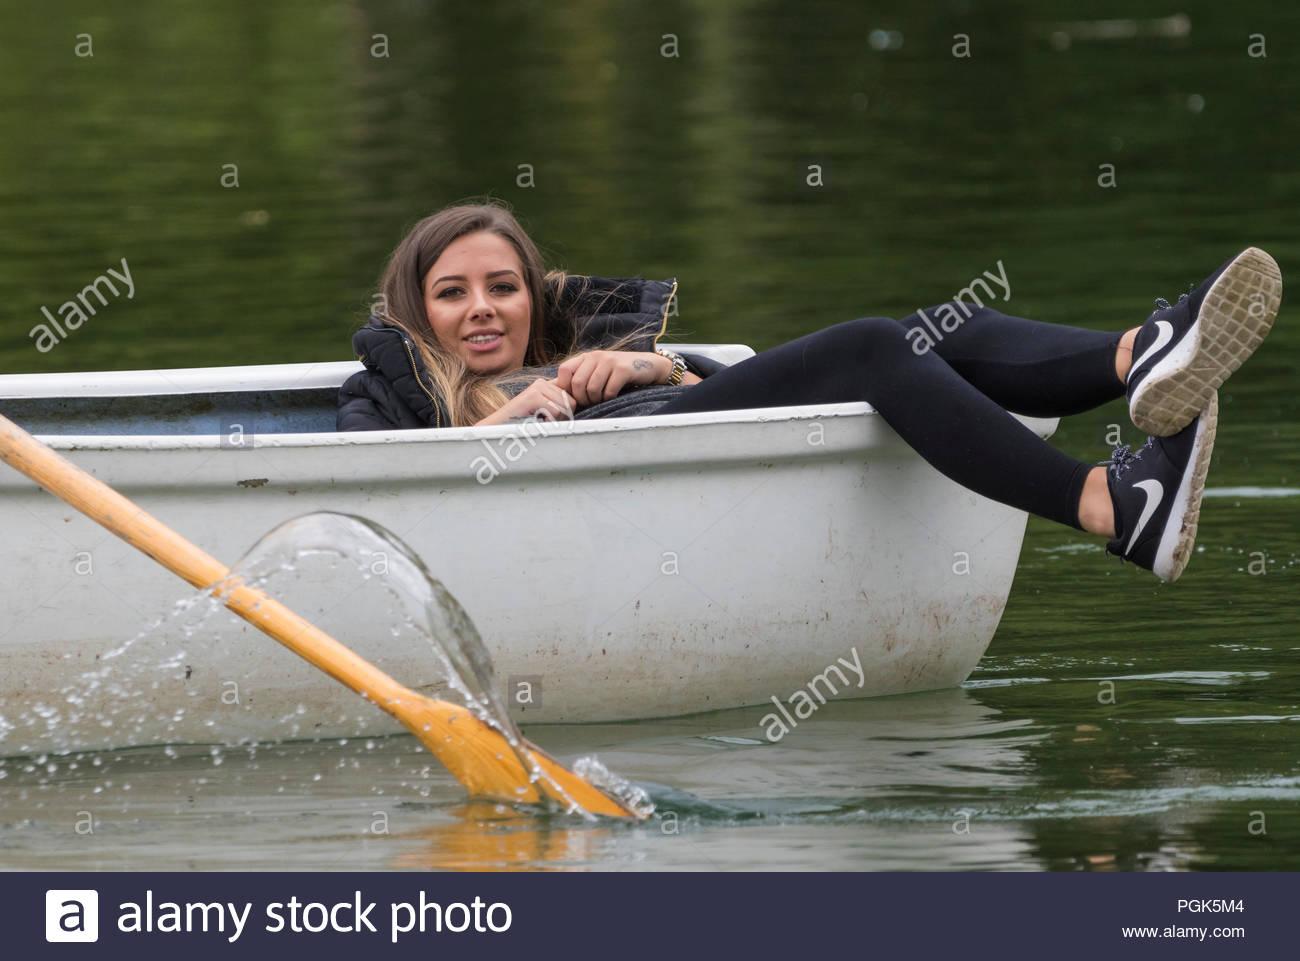 Une jeune femme portant retour relaxant dans un bateau à rames à un lac de plaisance dans le lac Départment, Arundel, West Sussex, Angleterre, Royaume-Uni. Photo Stock